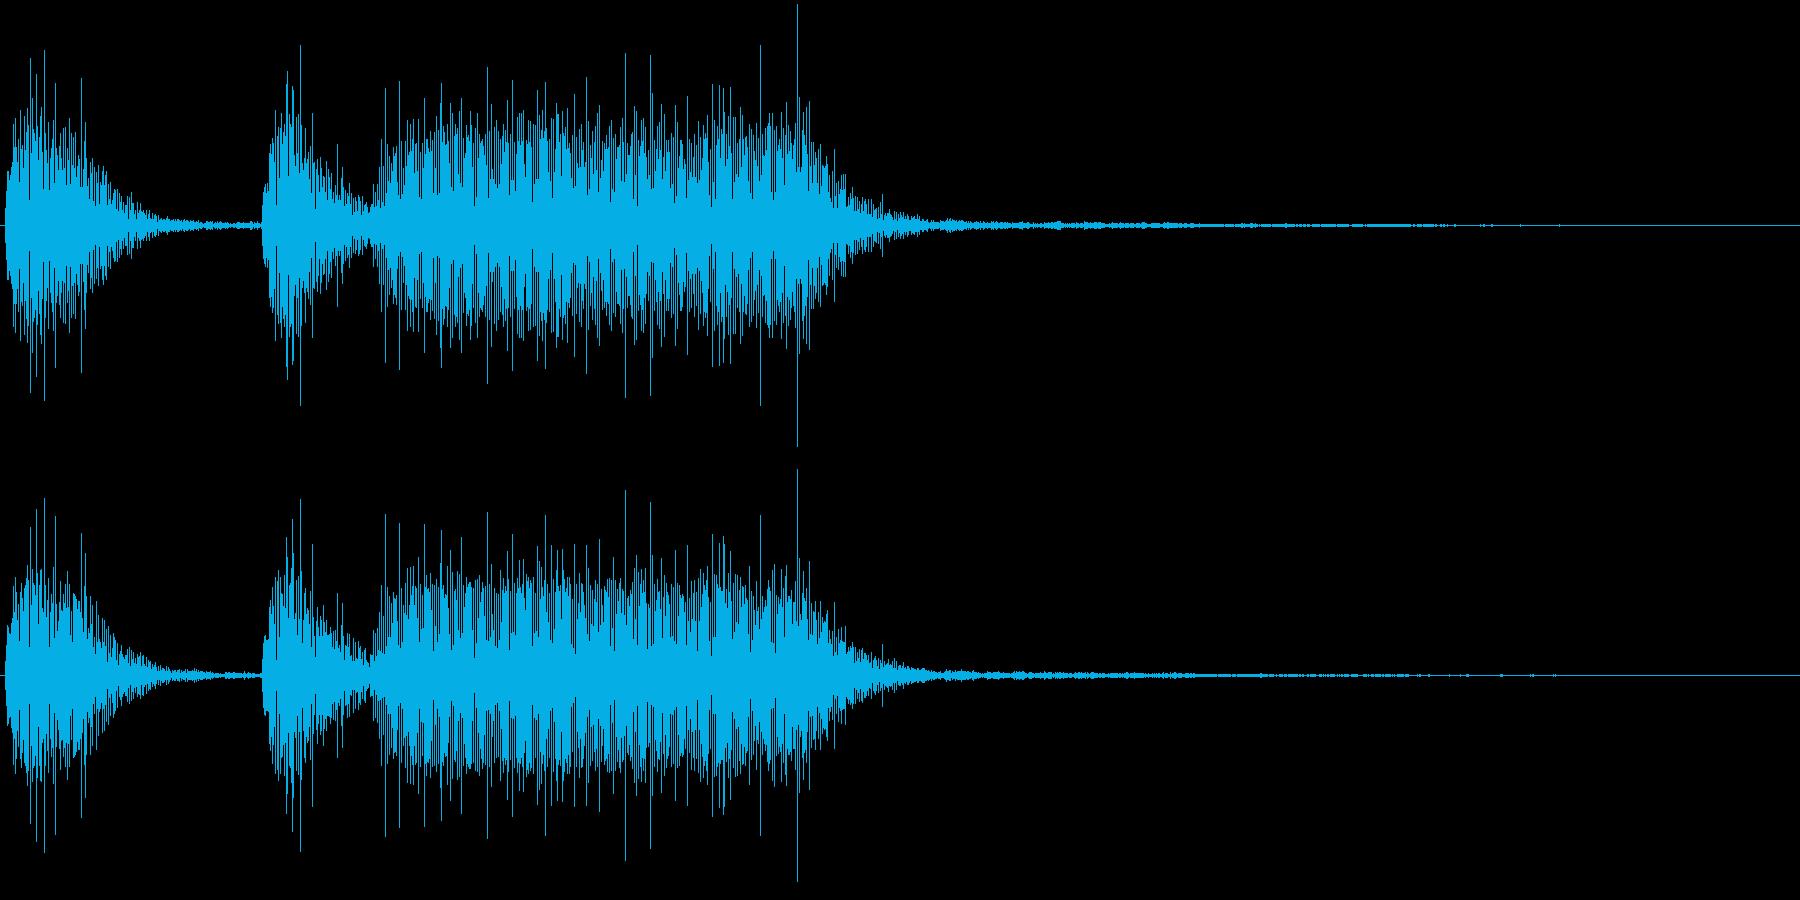 パンパカパーン!(発見・正解時のラッパ)の再生済みの波形